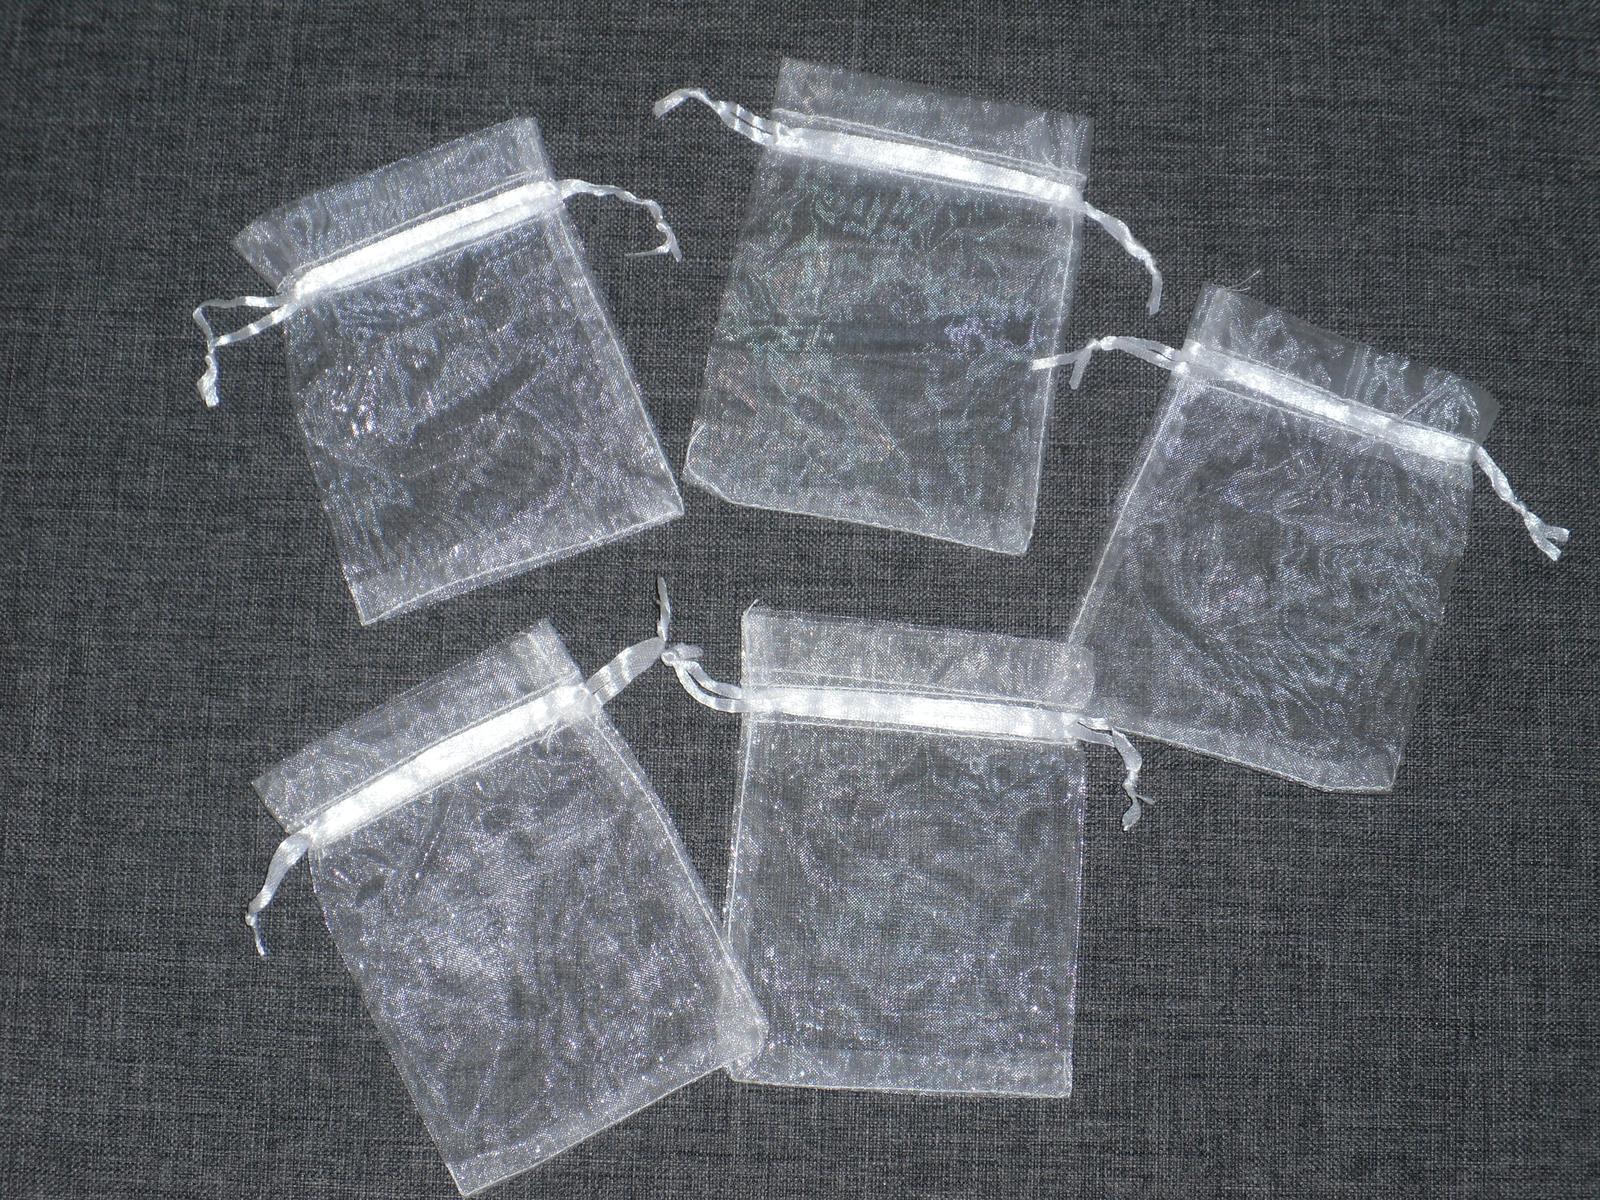 Organzové sáčky, pytlíčky  - Obrázek č. 1